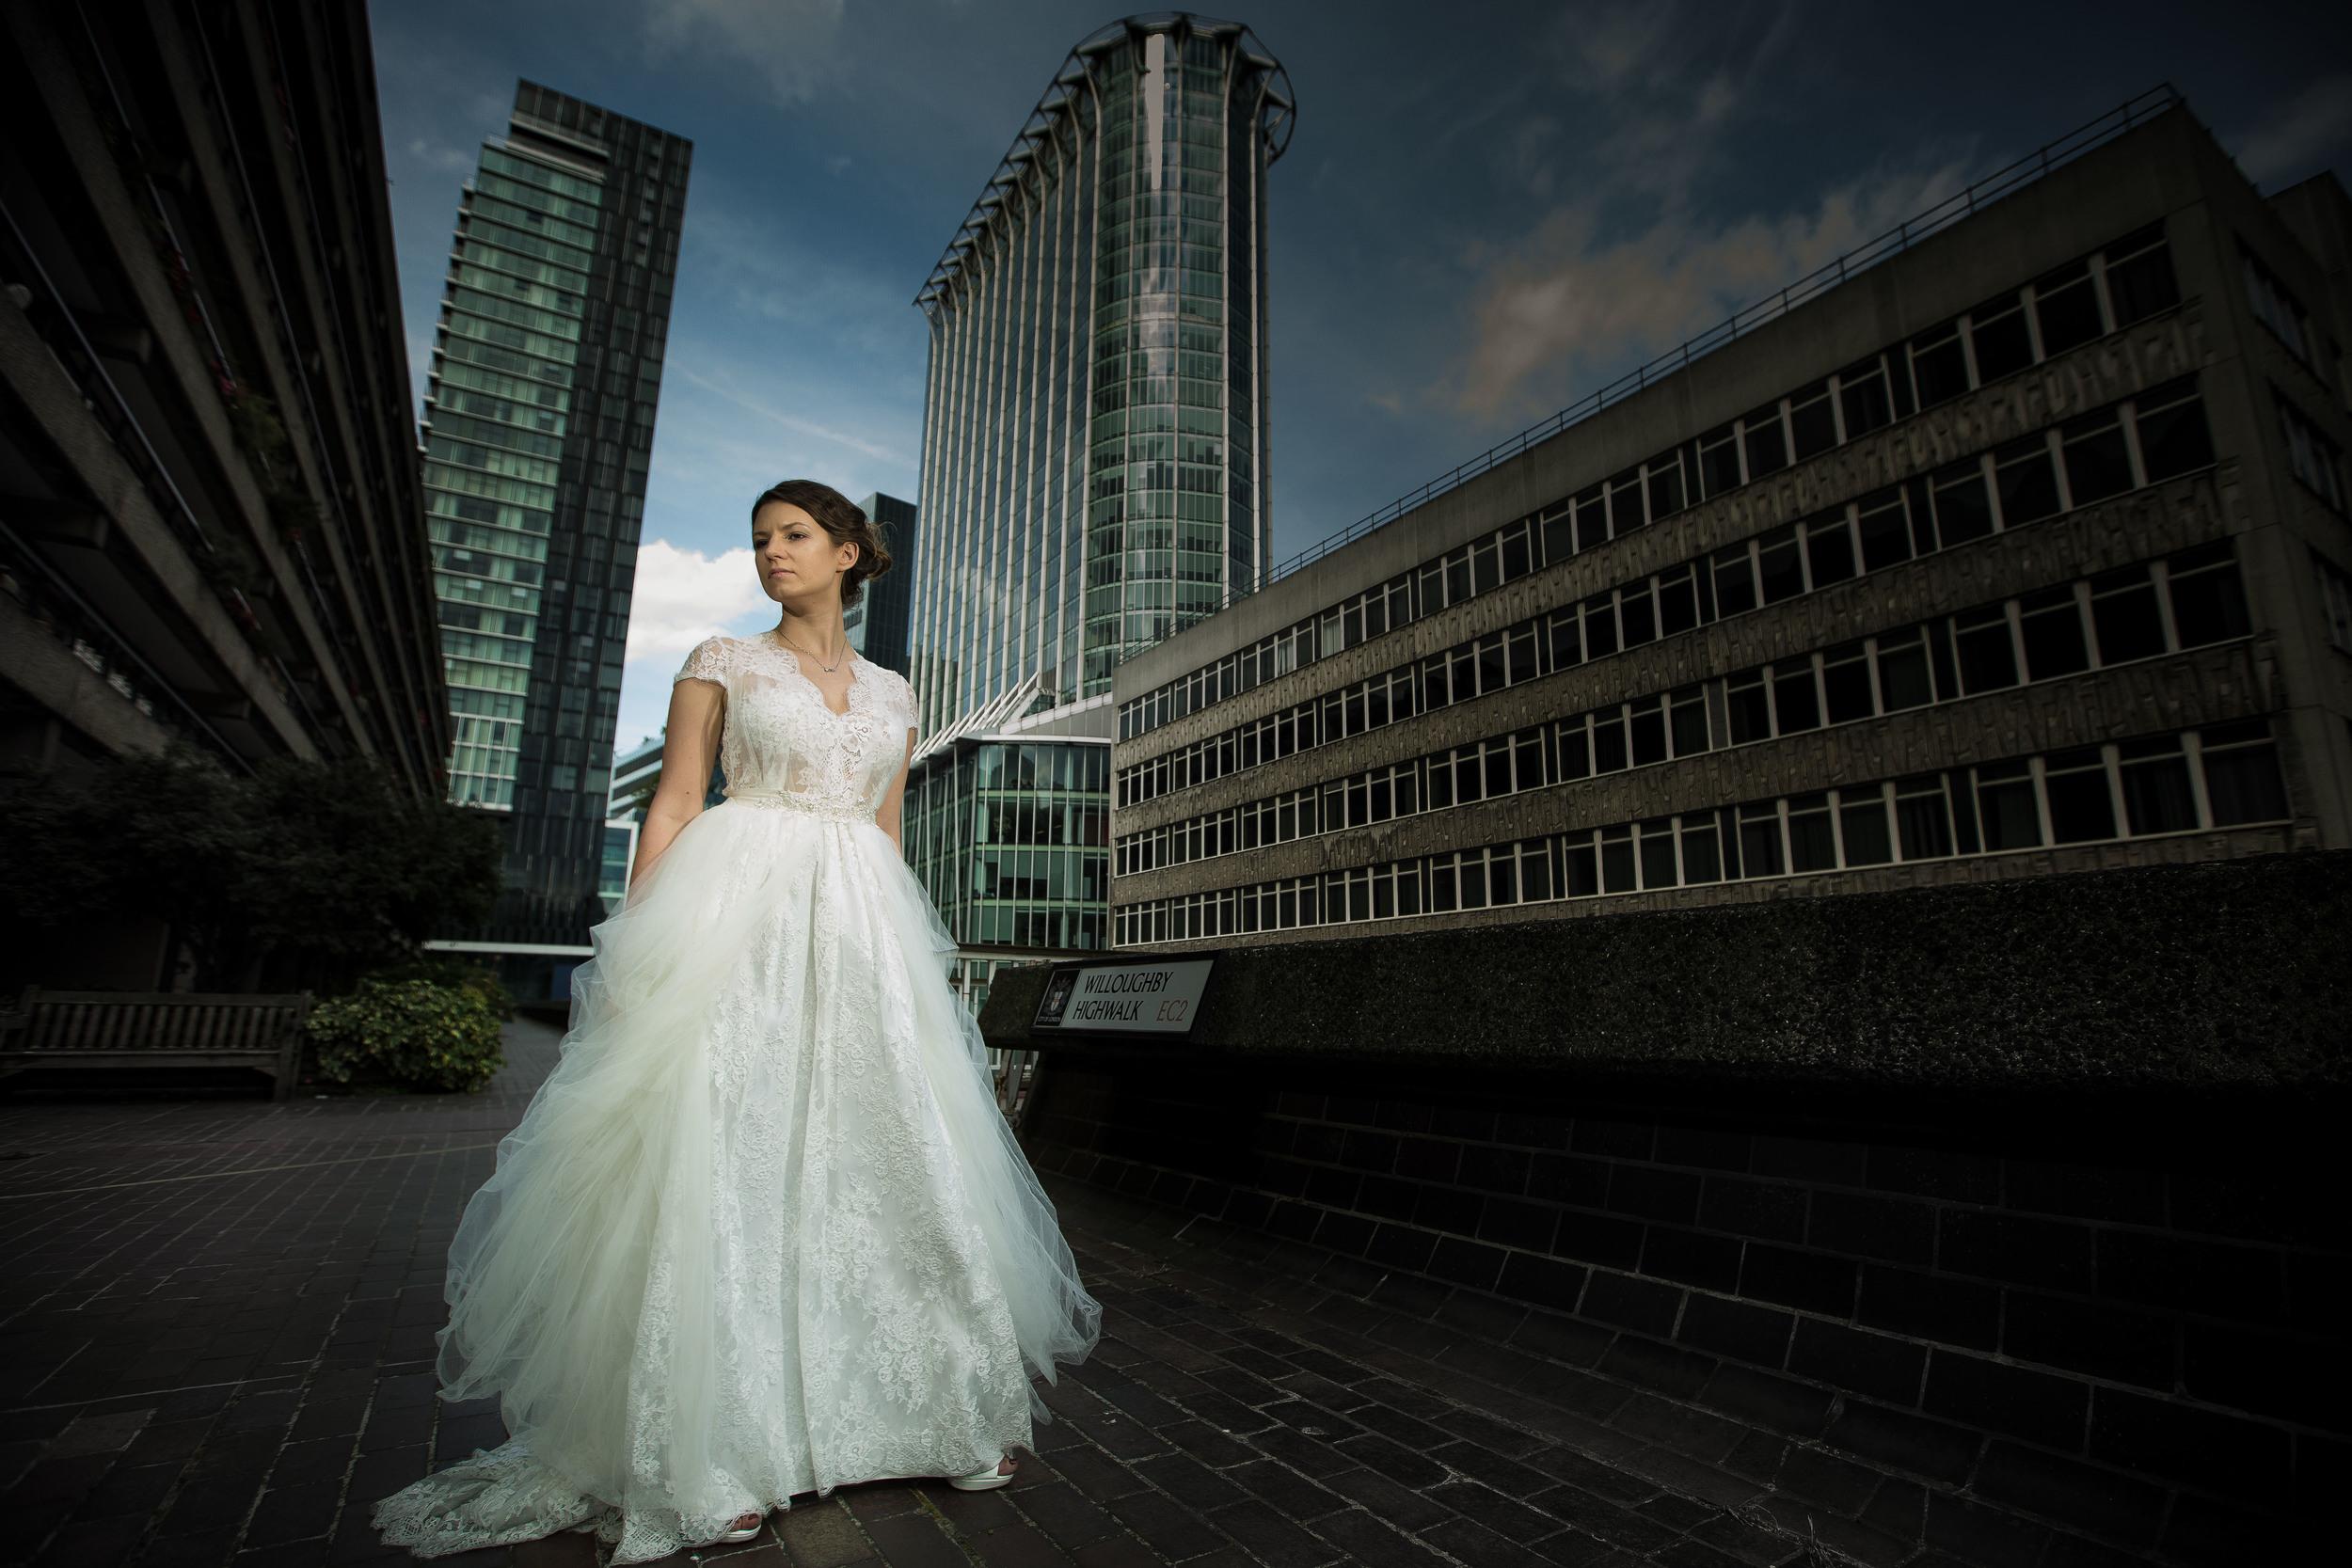 russian-bride-barbican-london-uk-destination-wedding-photography-Adam-Rowley